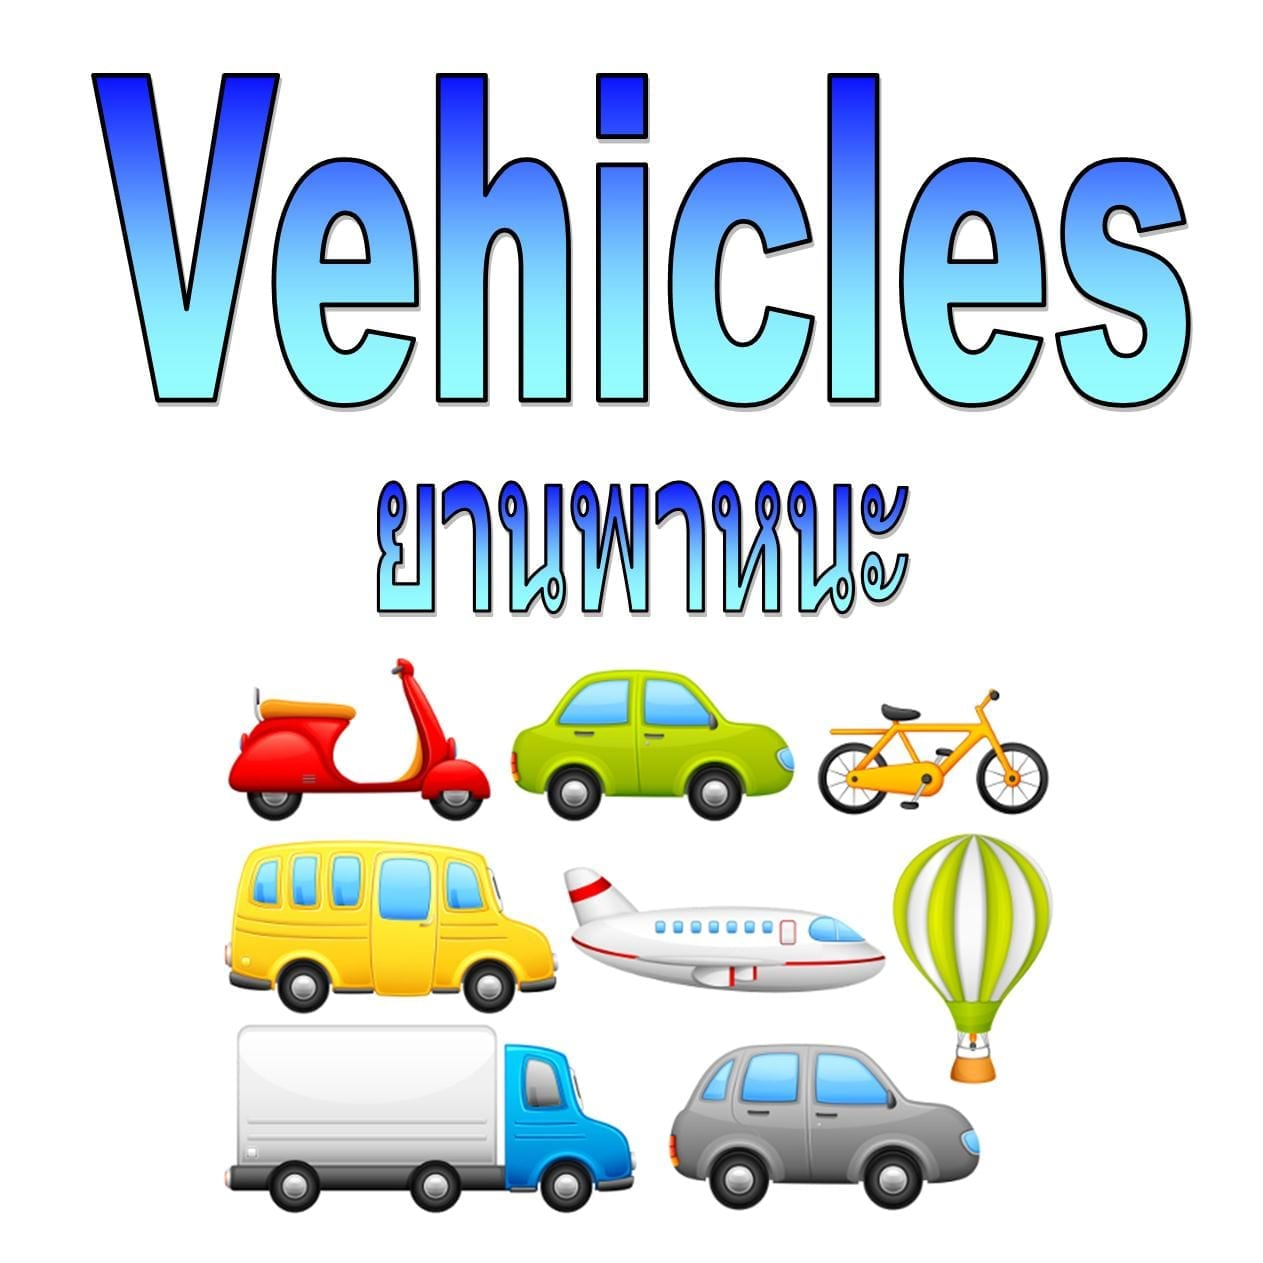 Vehicles ยานพาหนะ